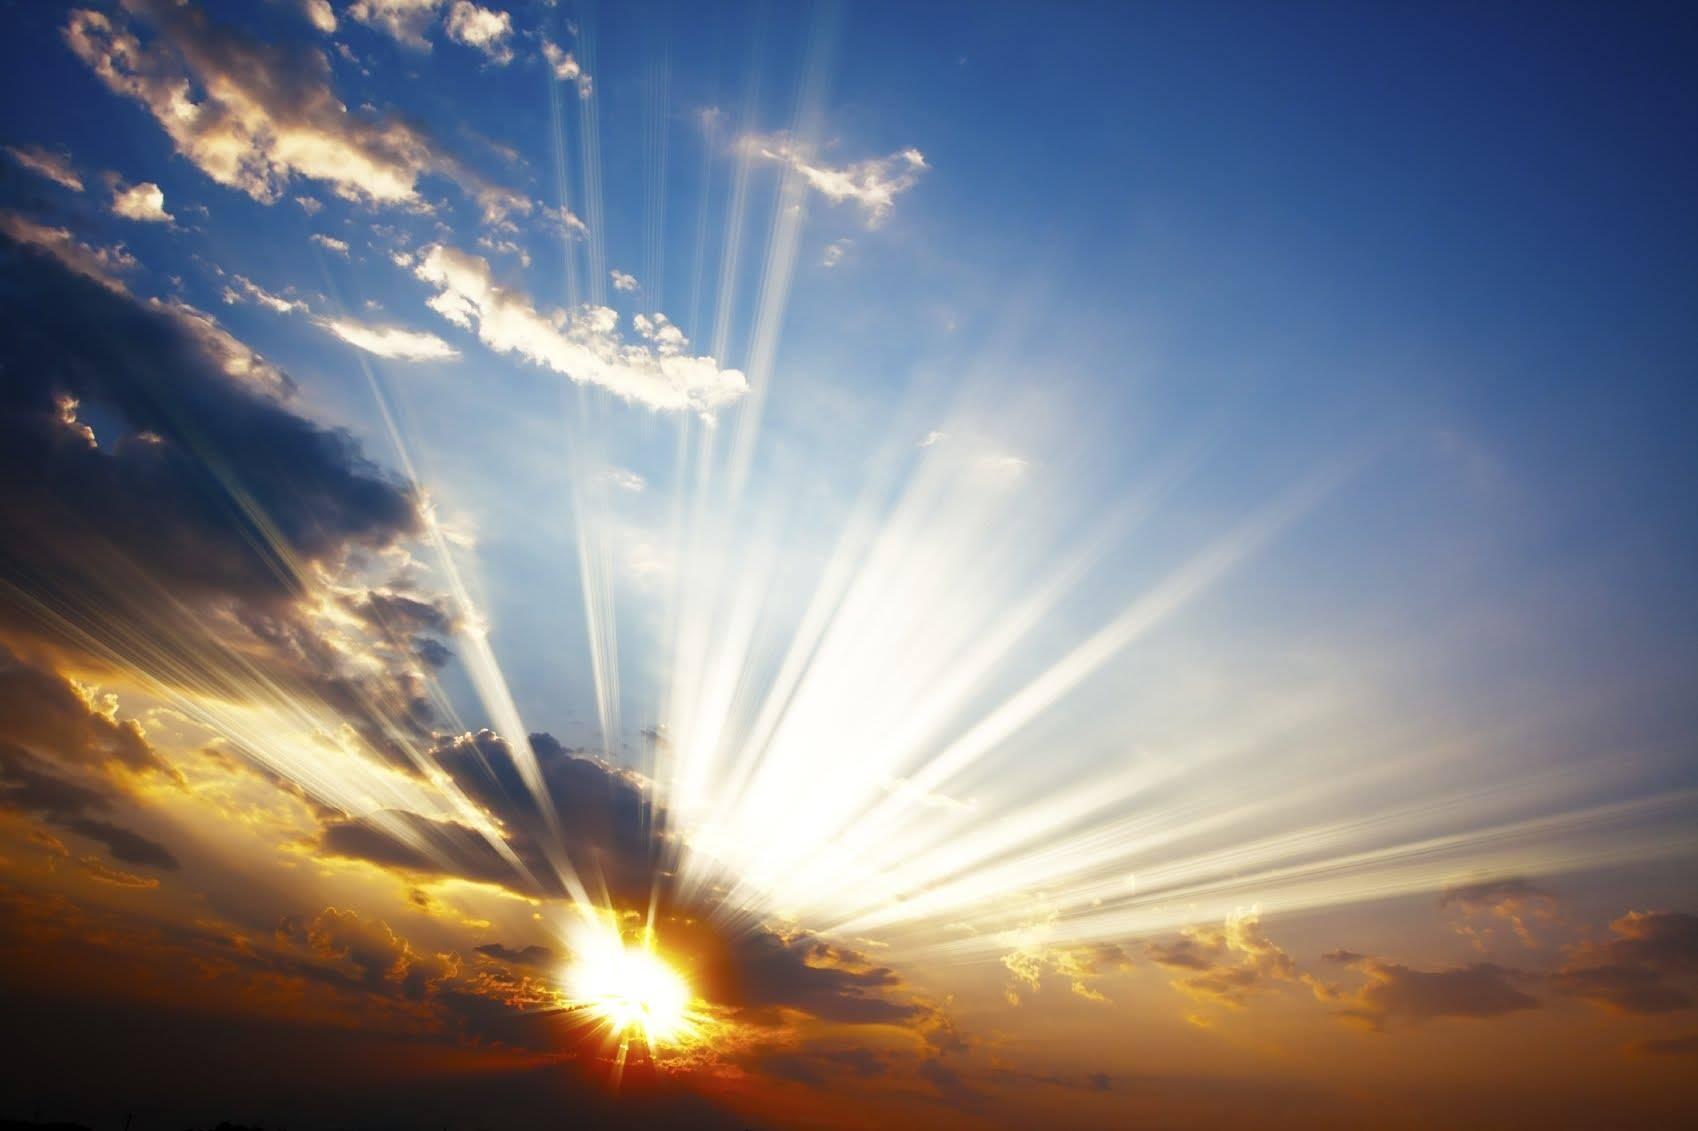 Recuerda siempre que... Un rayo de Sol es suficiente para barrer las sombras más oscuras...